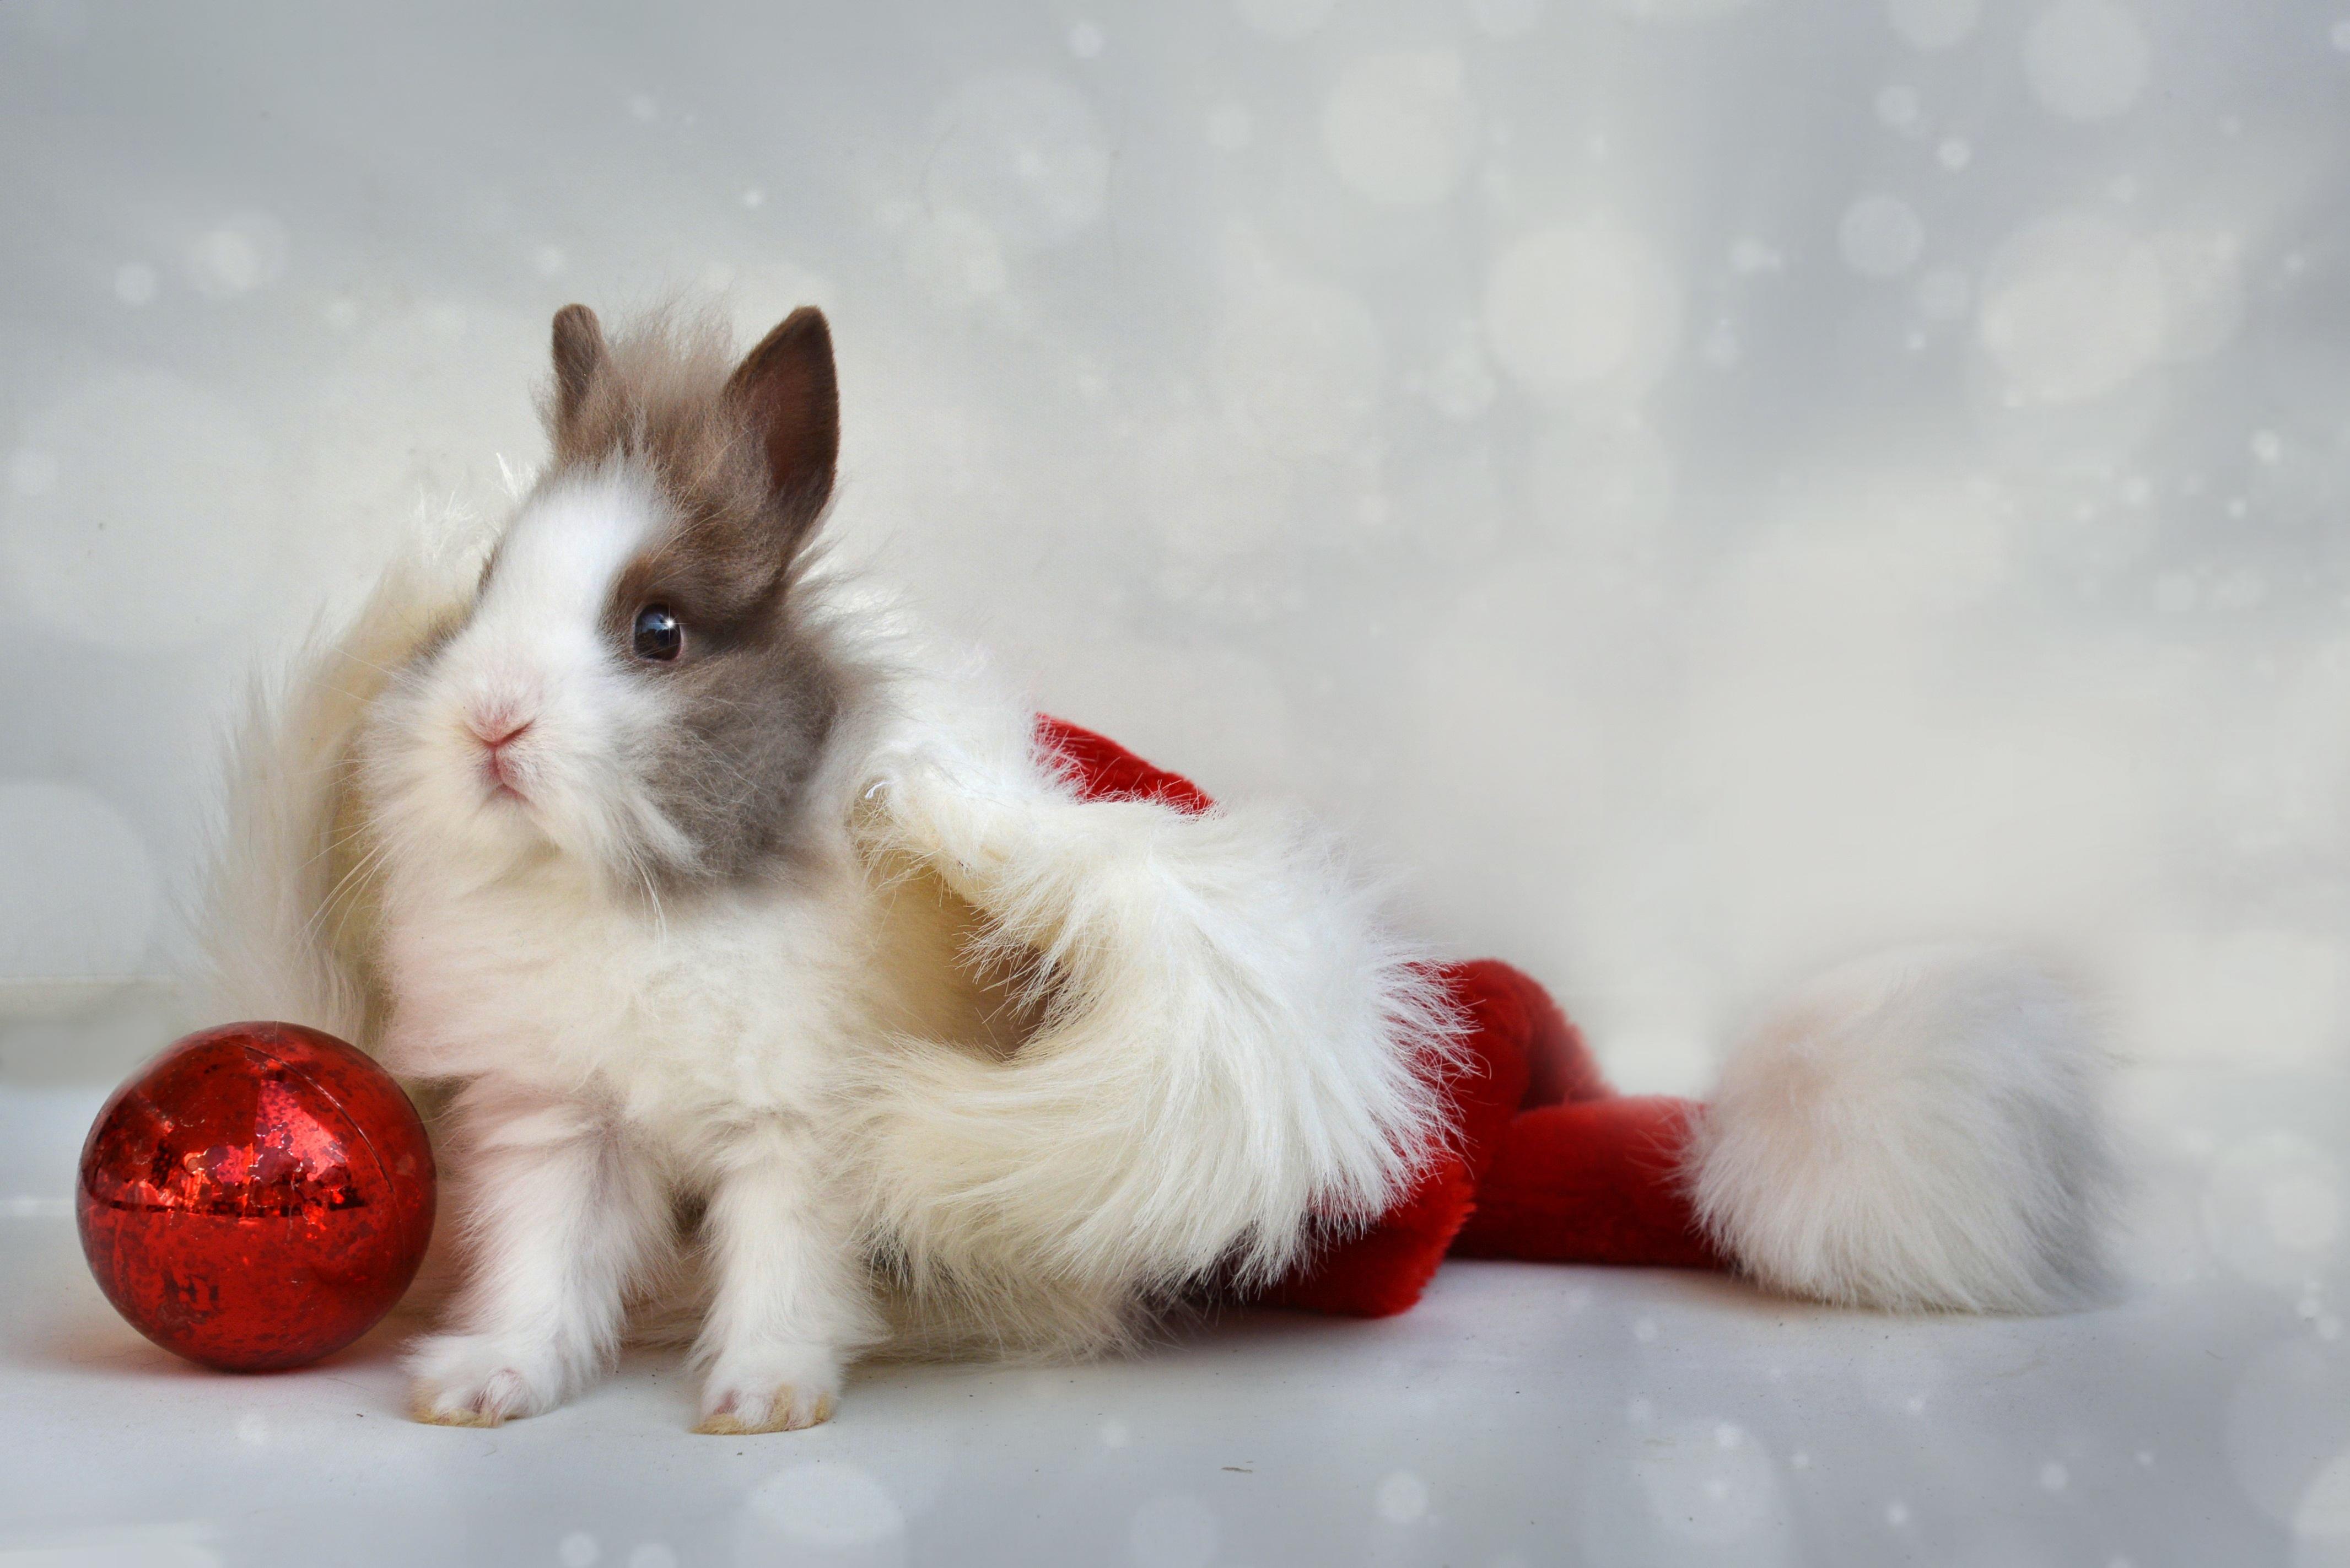 59924 Hintergrundbild herunterladen Feiertage, Kaninchen, Neujahr, Neues Jahr, Ball - Bildschirmschoner und Bilder kostenlos